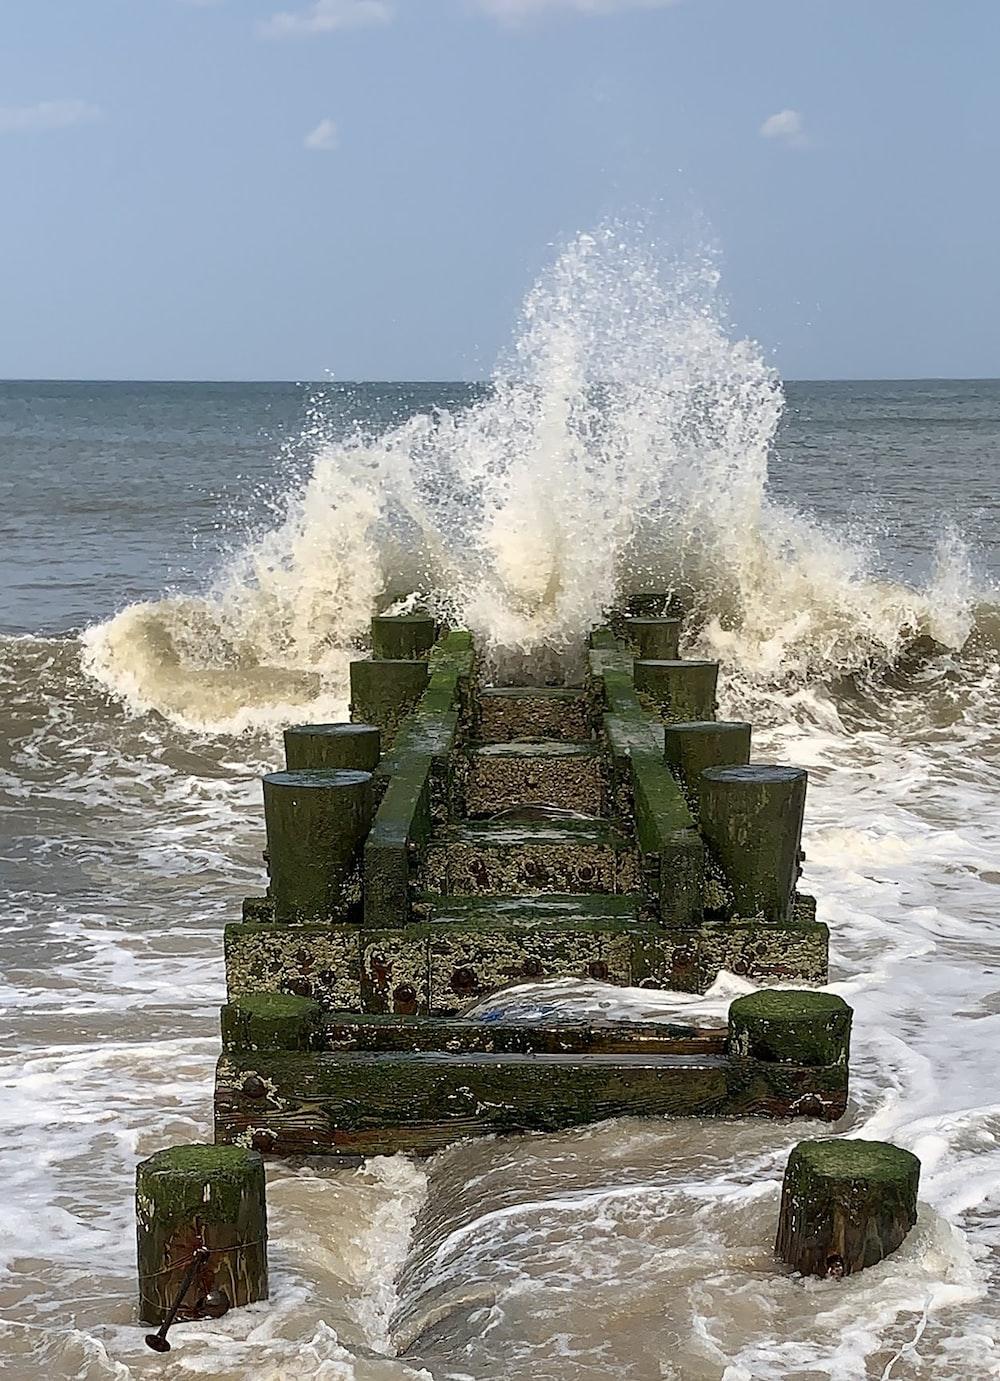 water wave beside sea dock